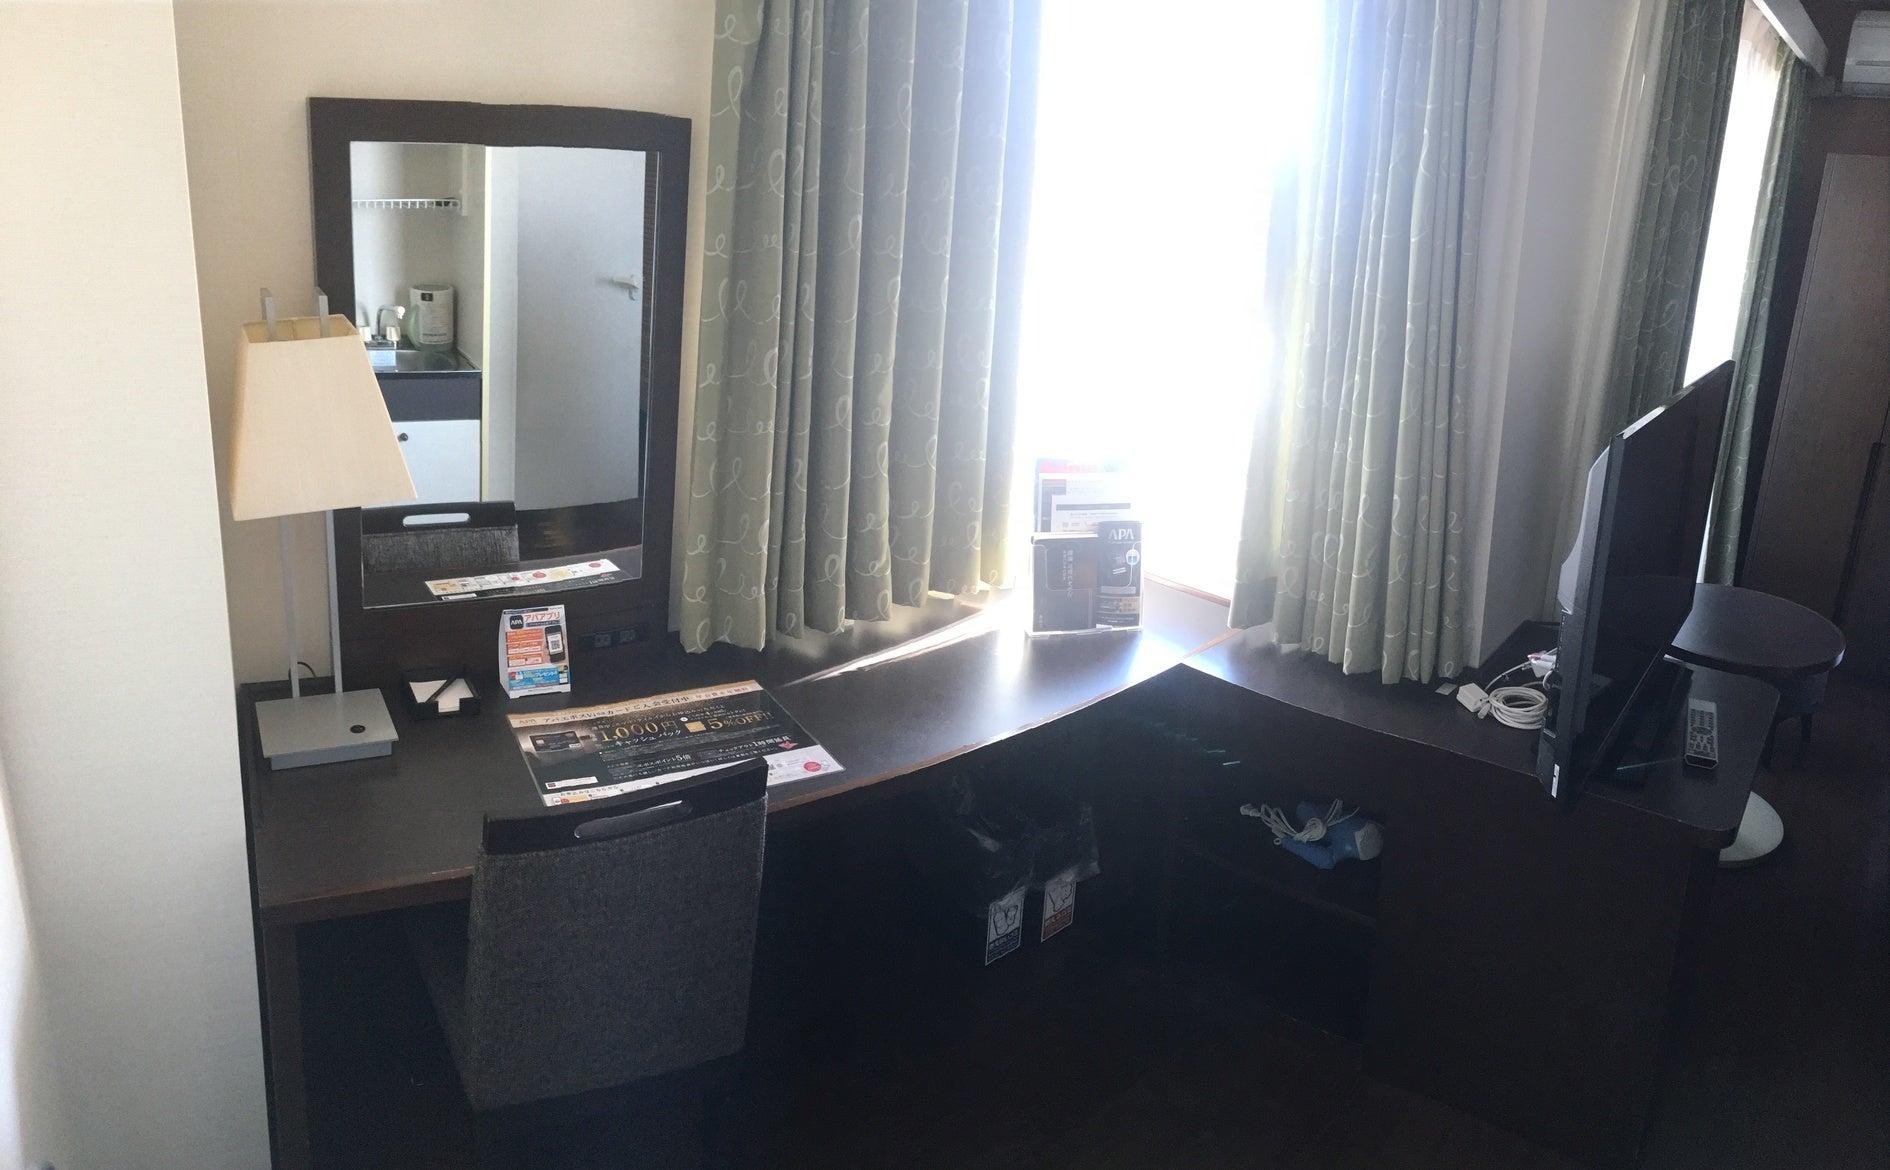 【ホテル客室】を個室オフィスとしてご利用いただけます。(静岡県富士市ホテル。コンビニ・レストラン・大駐車場(120台)あり。) の写真0